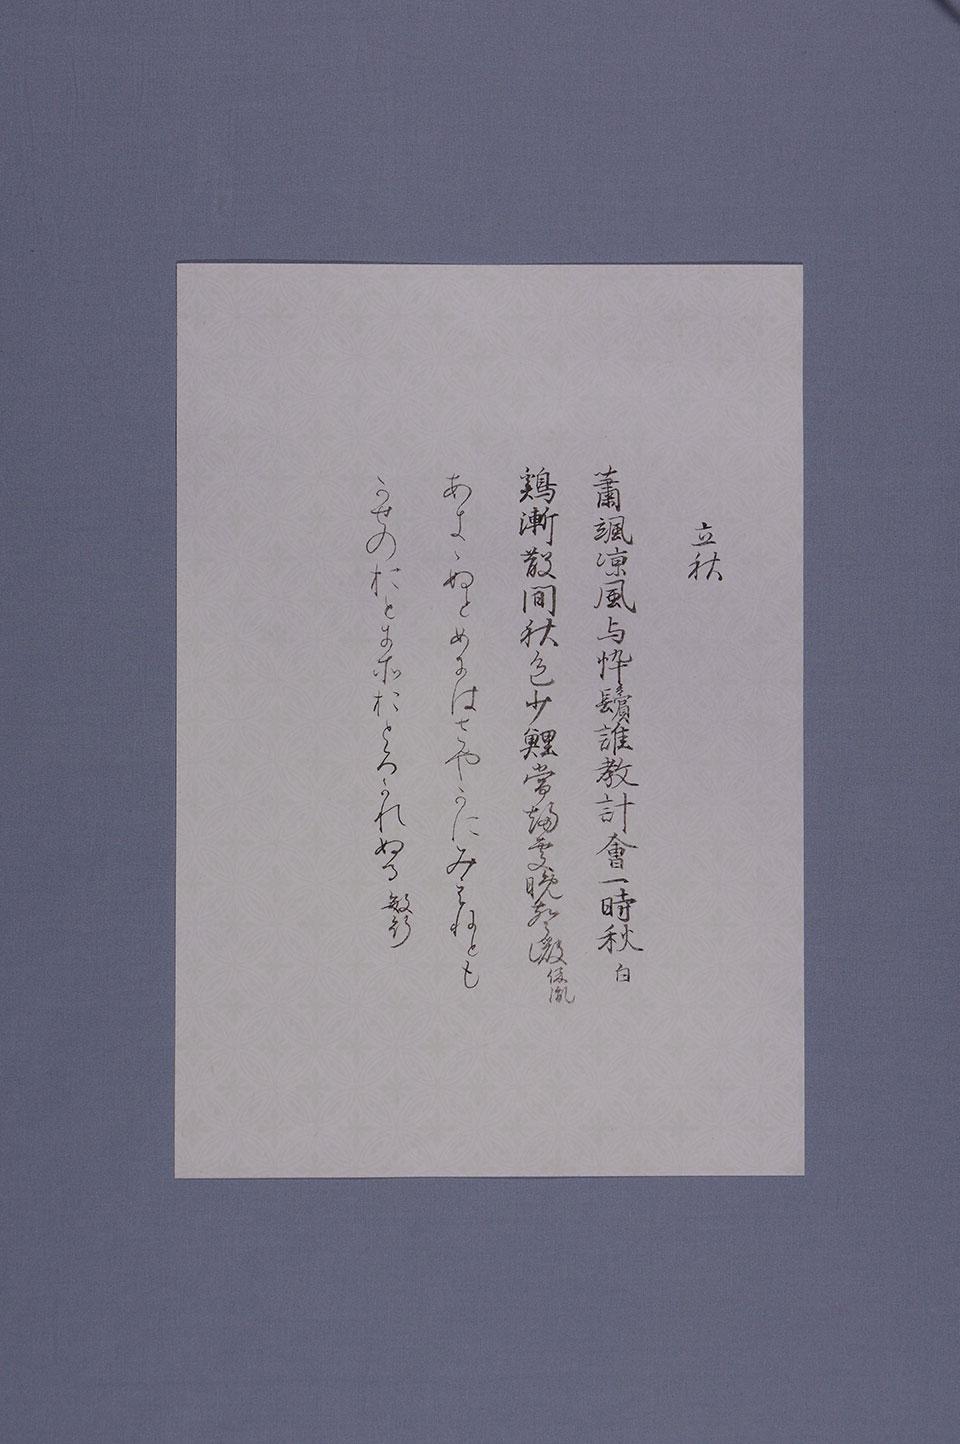 『粘葉本和漢朗詠集』臨書